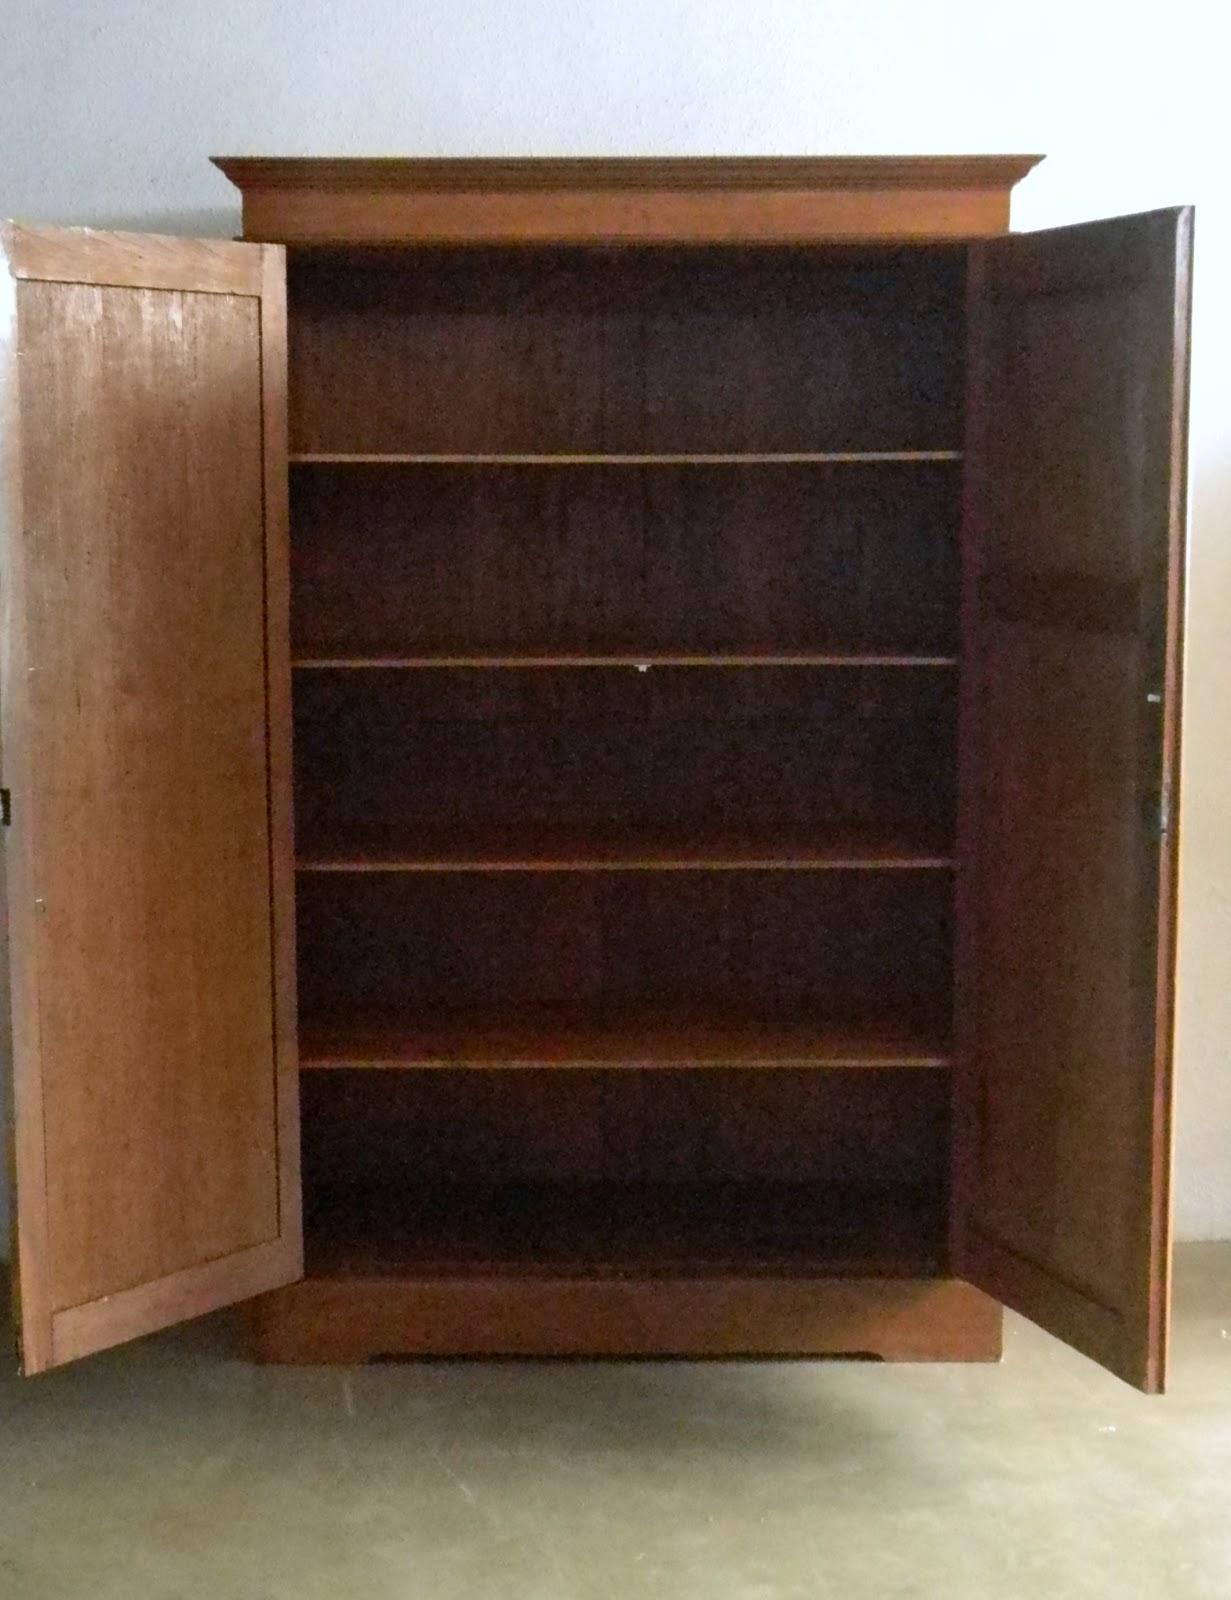 http://3.bp.blogspot.com/-OPyzFEbMtcA/UNgUS2kcJwI/AAAAAAAANls/VJ33VwknbPE/s1600/wardrobe+antique+2.JPG